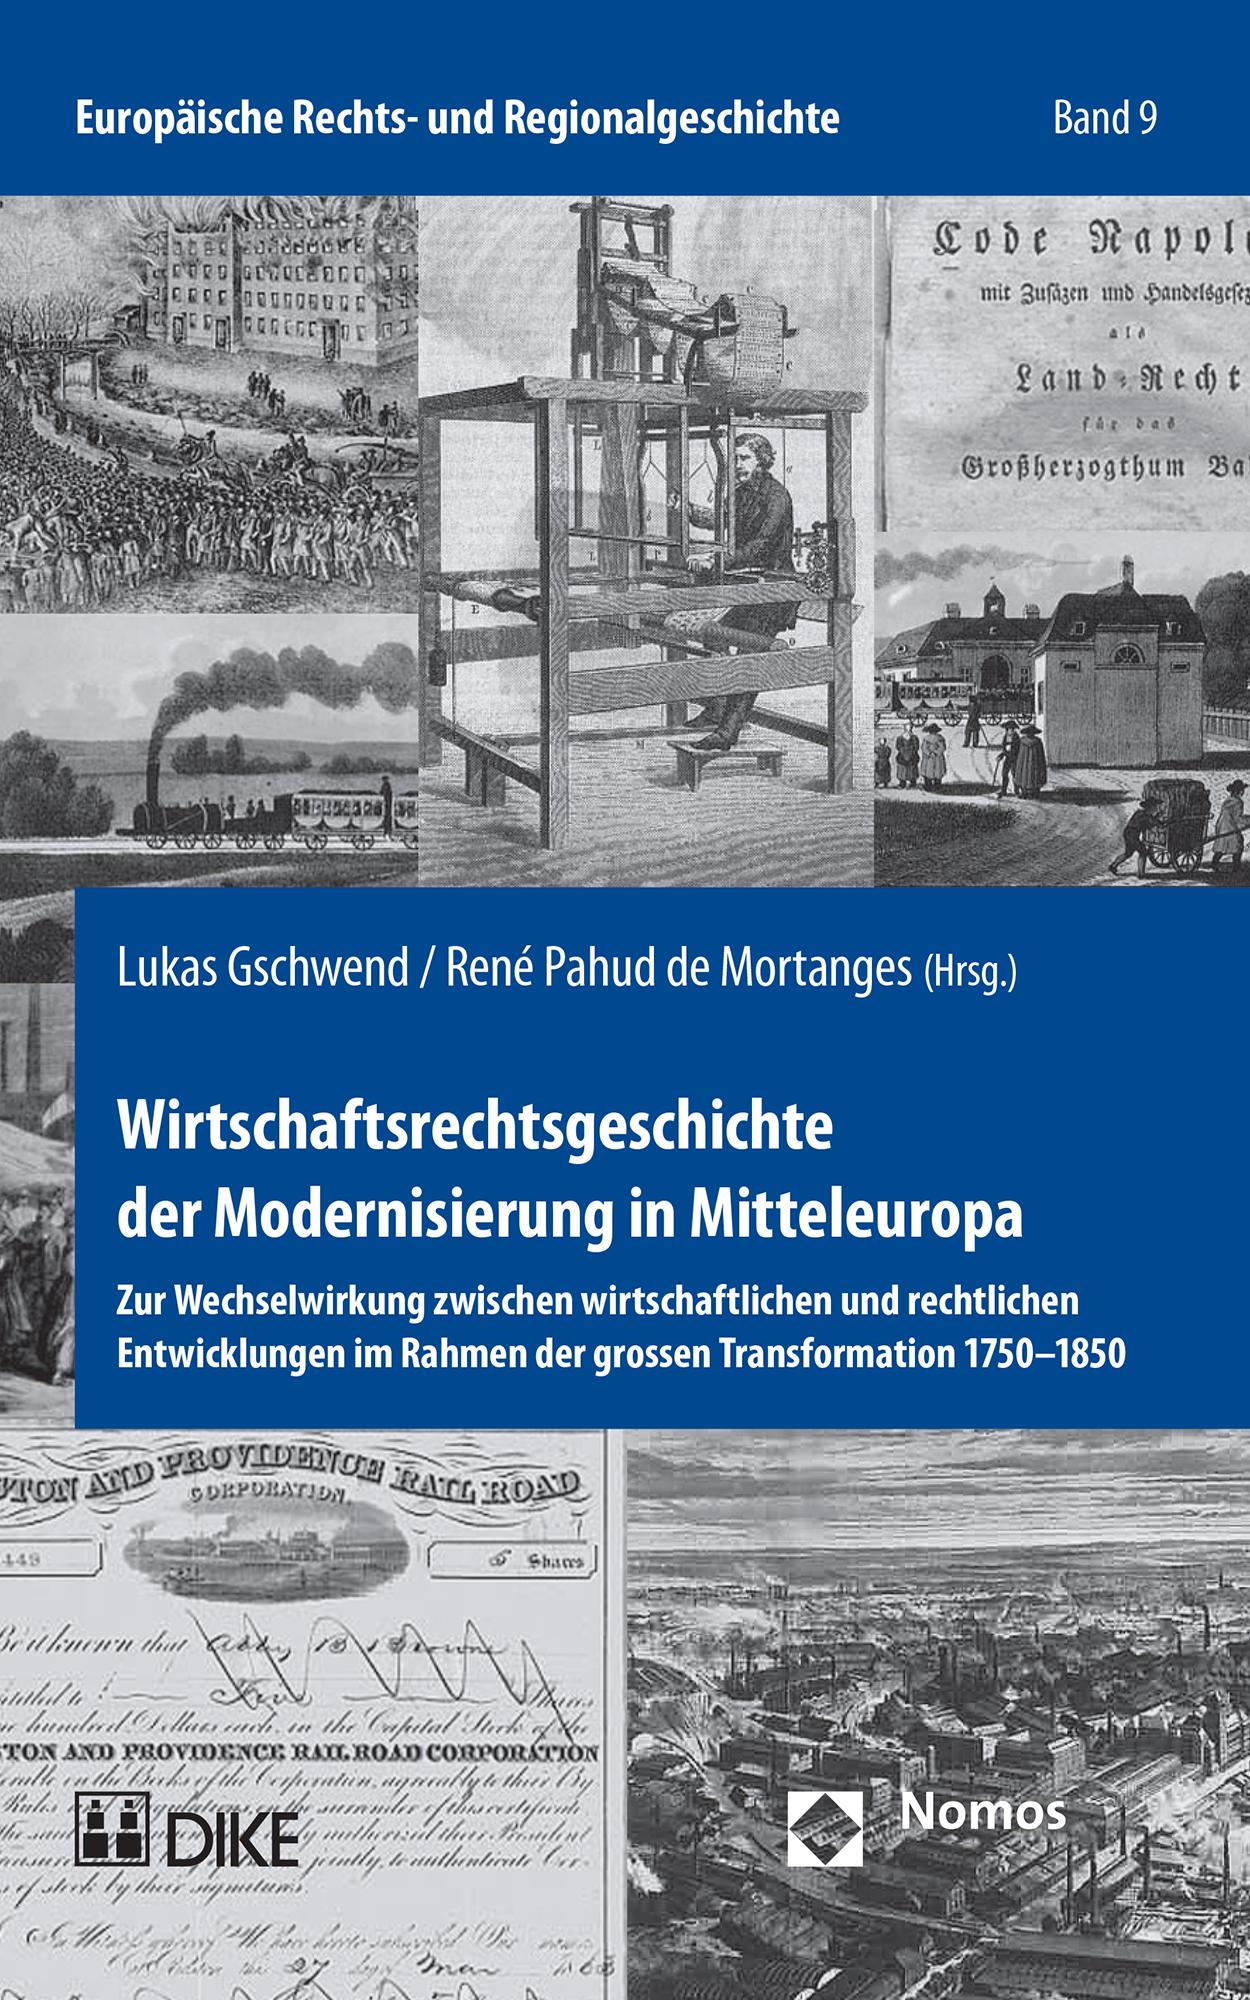 Wirtschaftsrechtsgeschichte der Modernisierung in Mitteleuropa